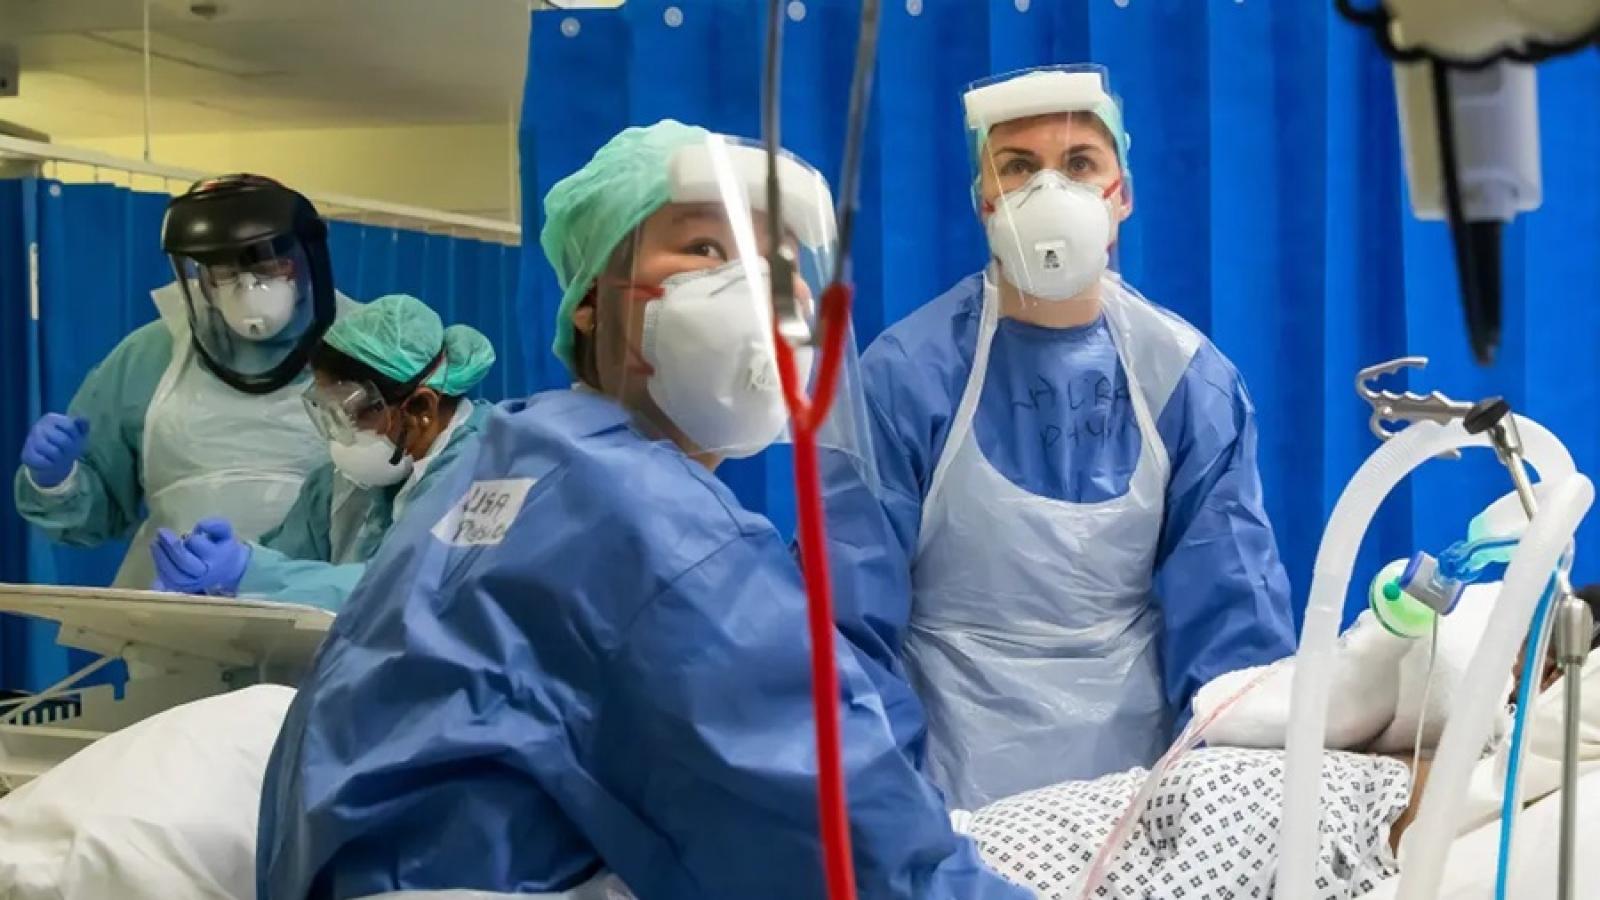 Tổn thương đa tạng ở các bệnh nhân Covid-19 kéo dài